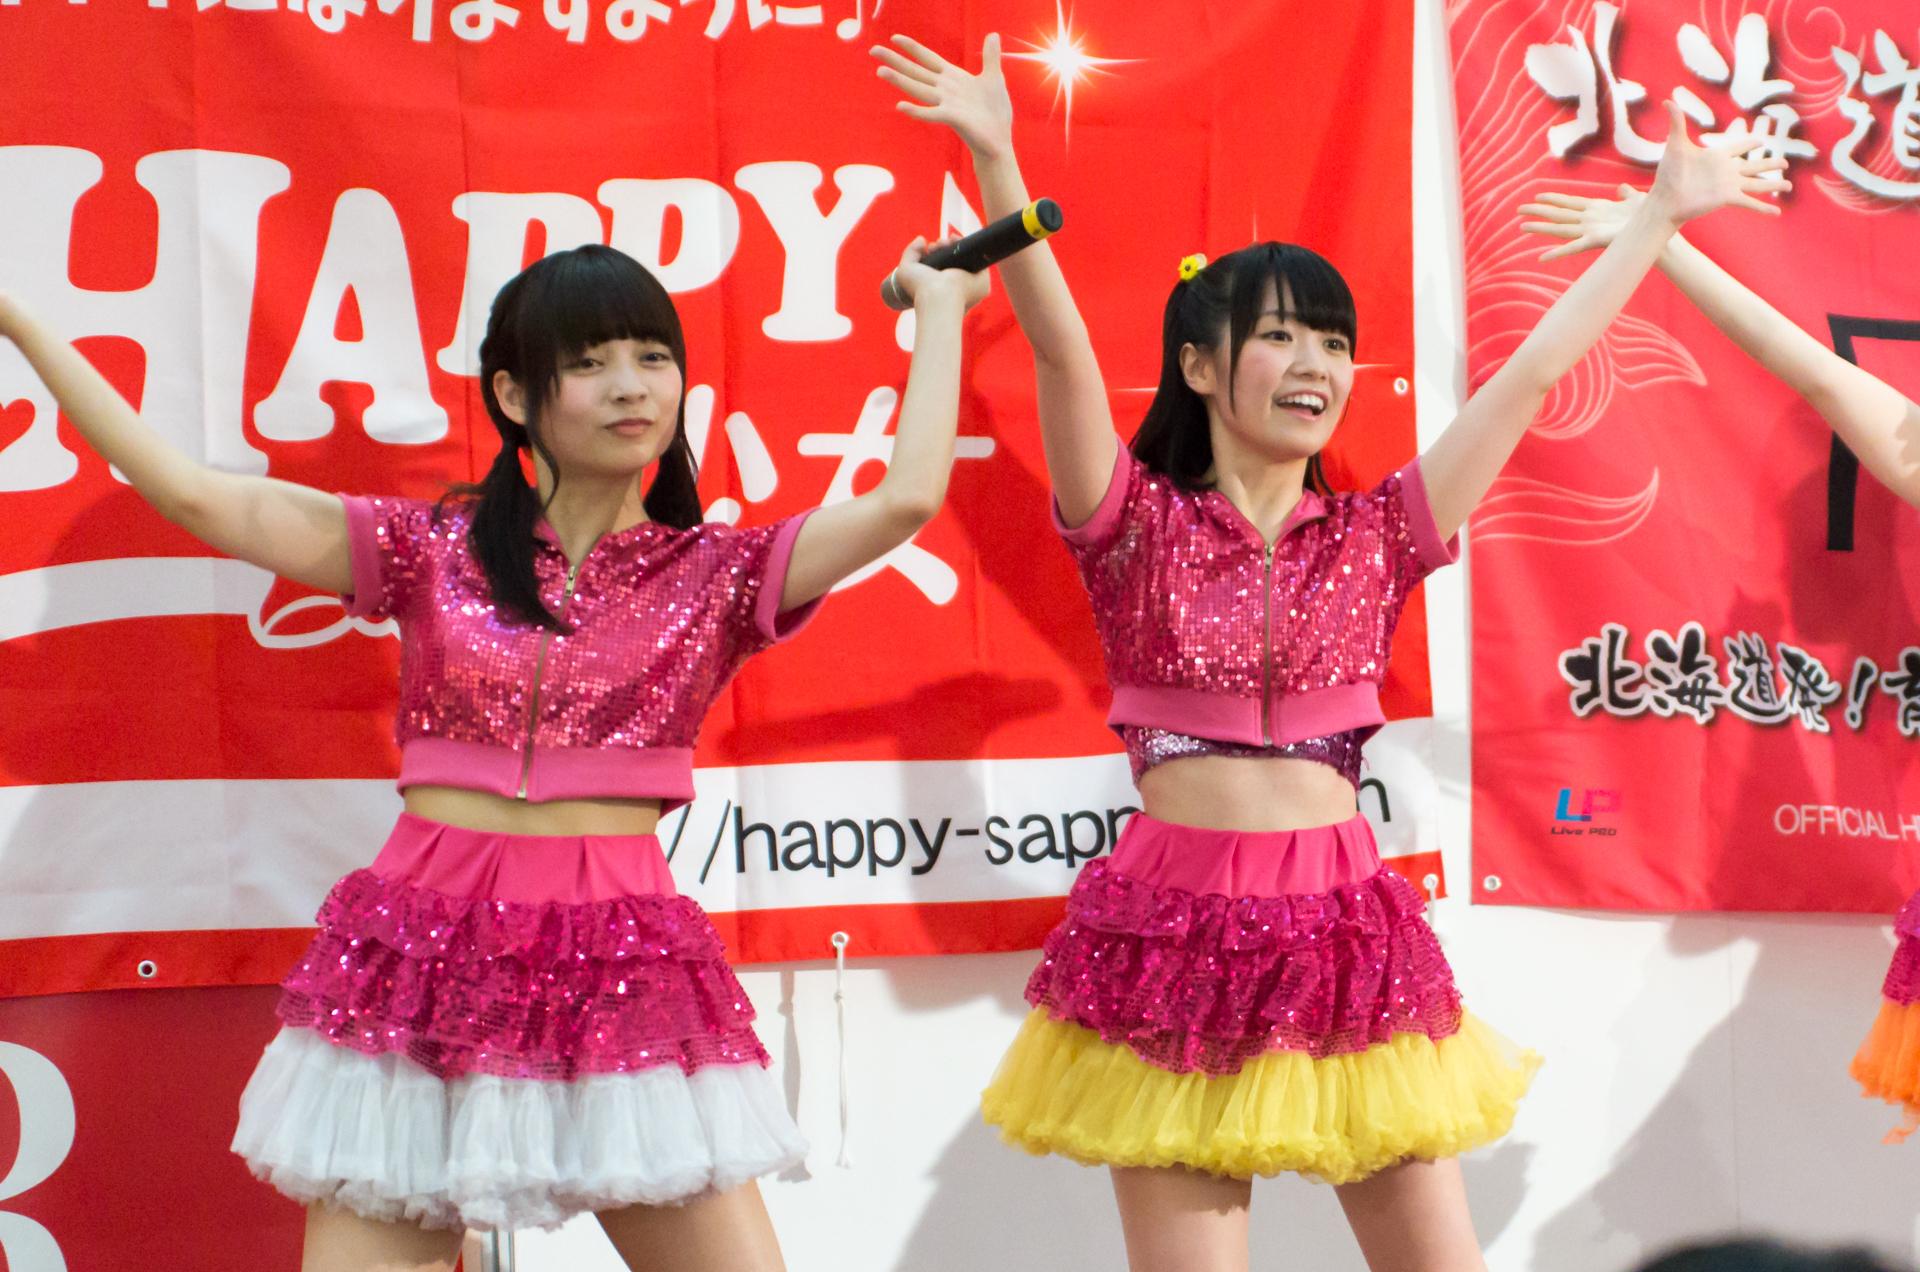 2代目Happy少女♪ | アリオ札幌ライブプロマンスリーライブ